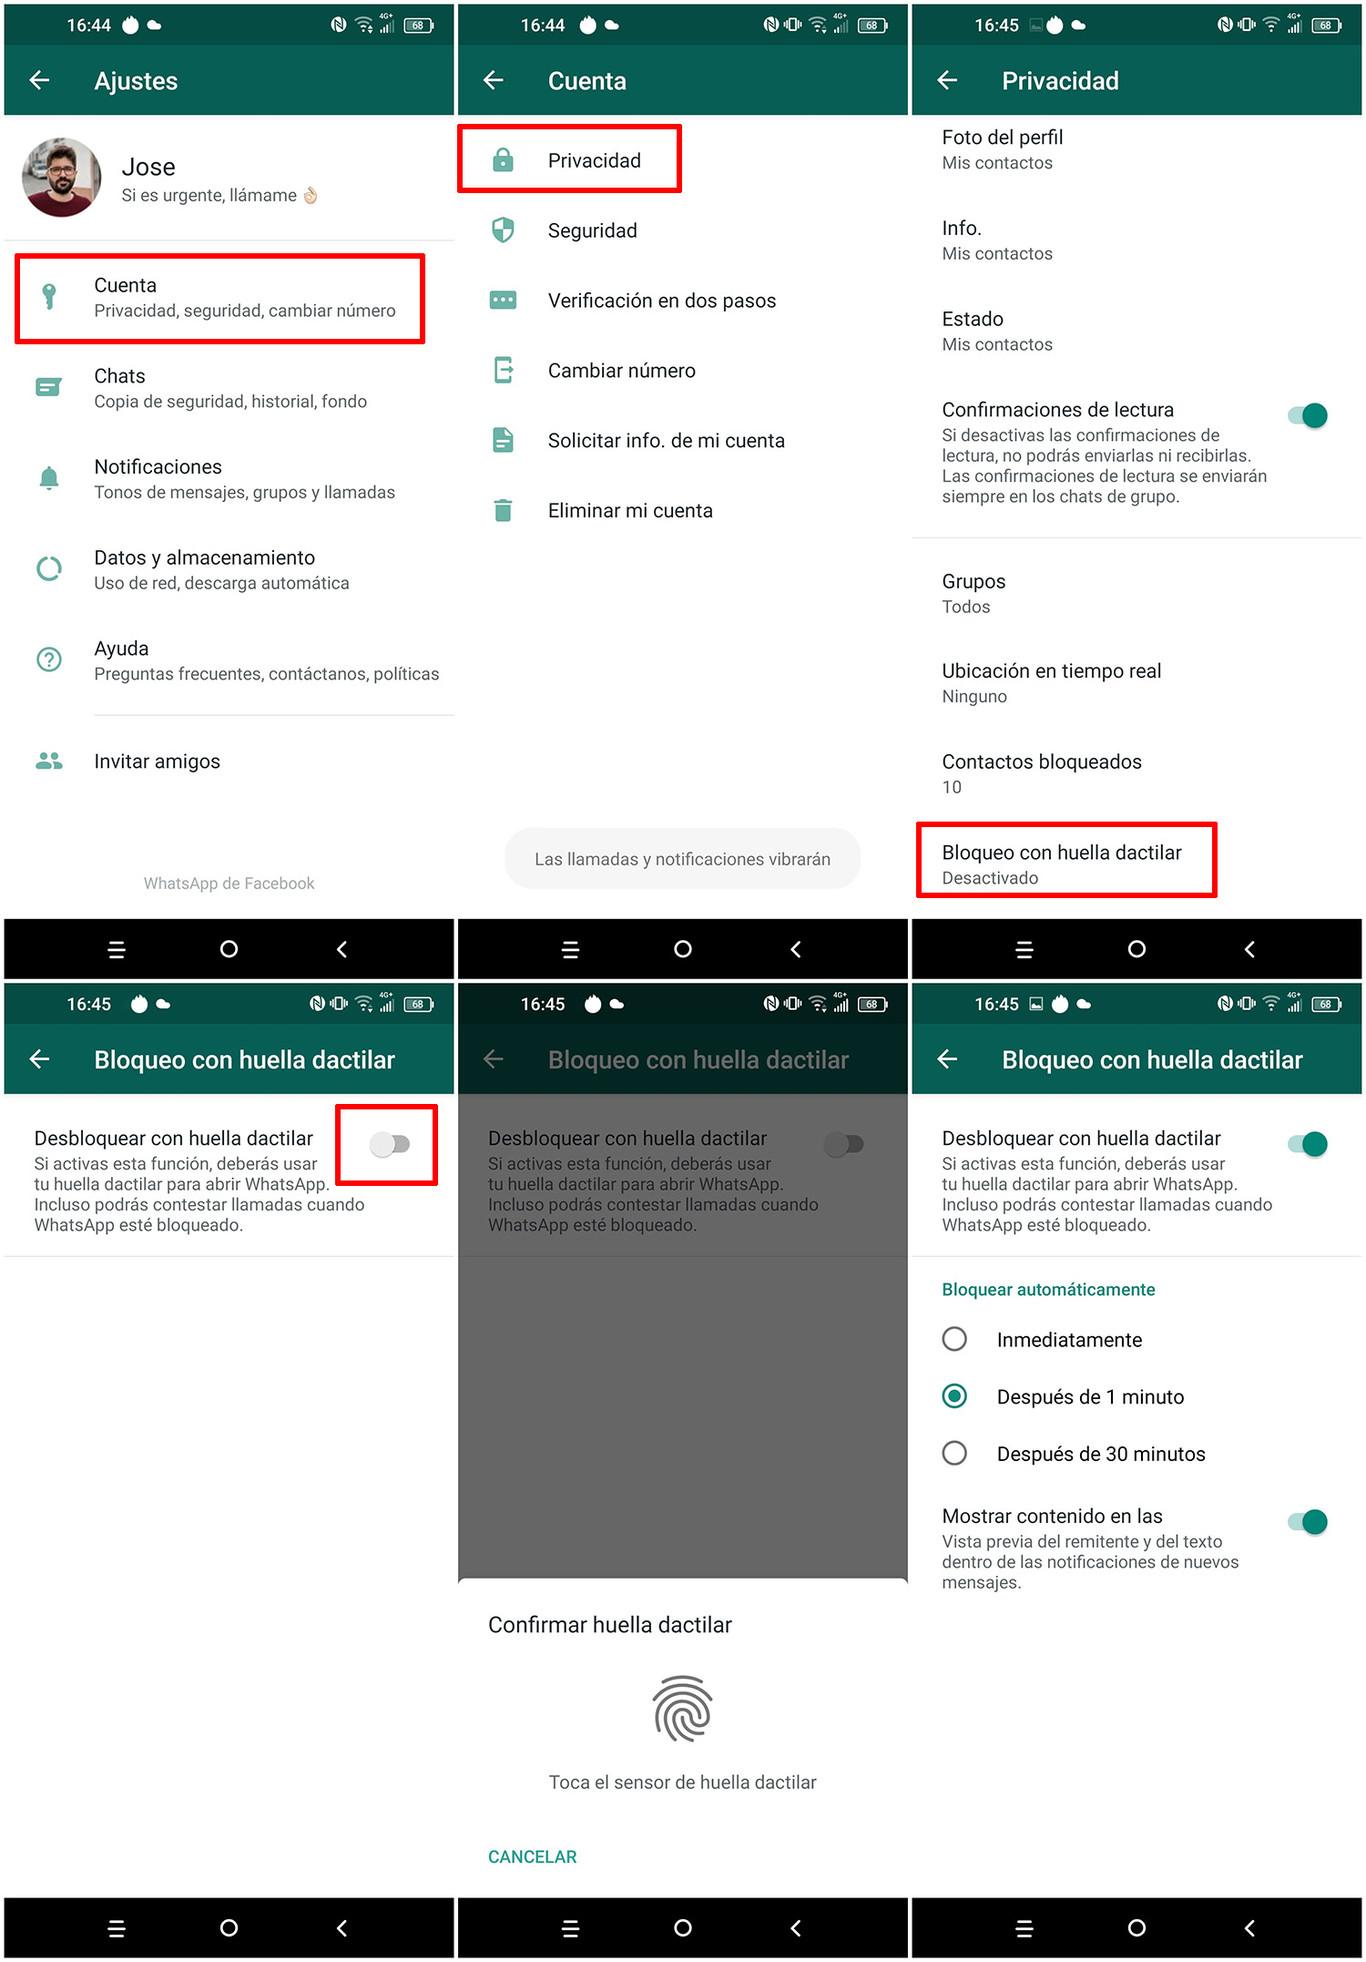 https://i.blogs.es/60fff5/bloquear-whatsapp-con-huella/1366_2000.jpg